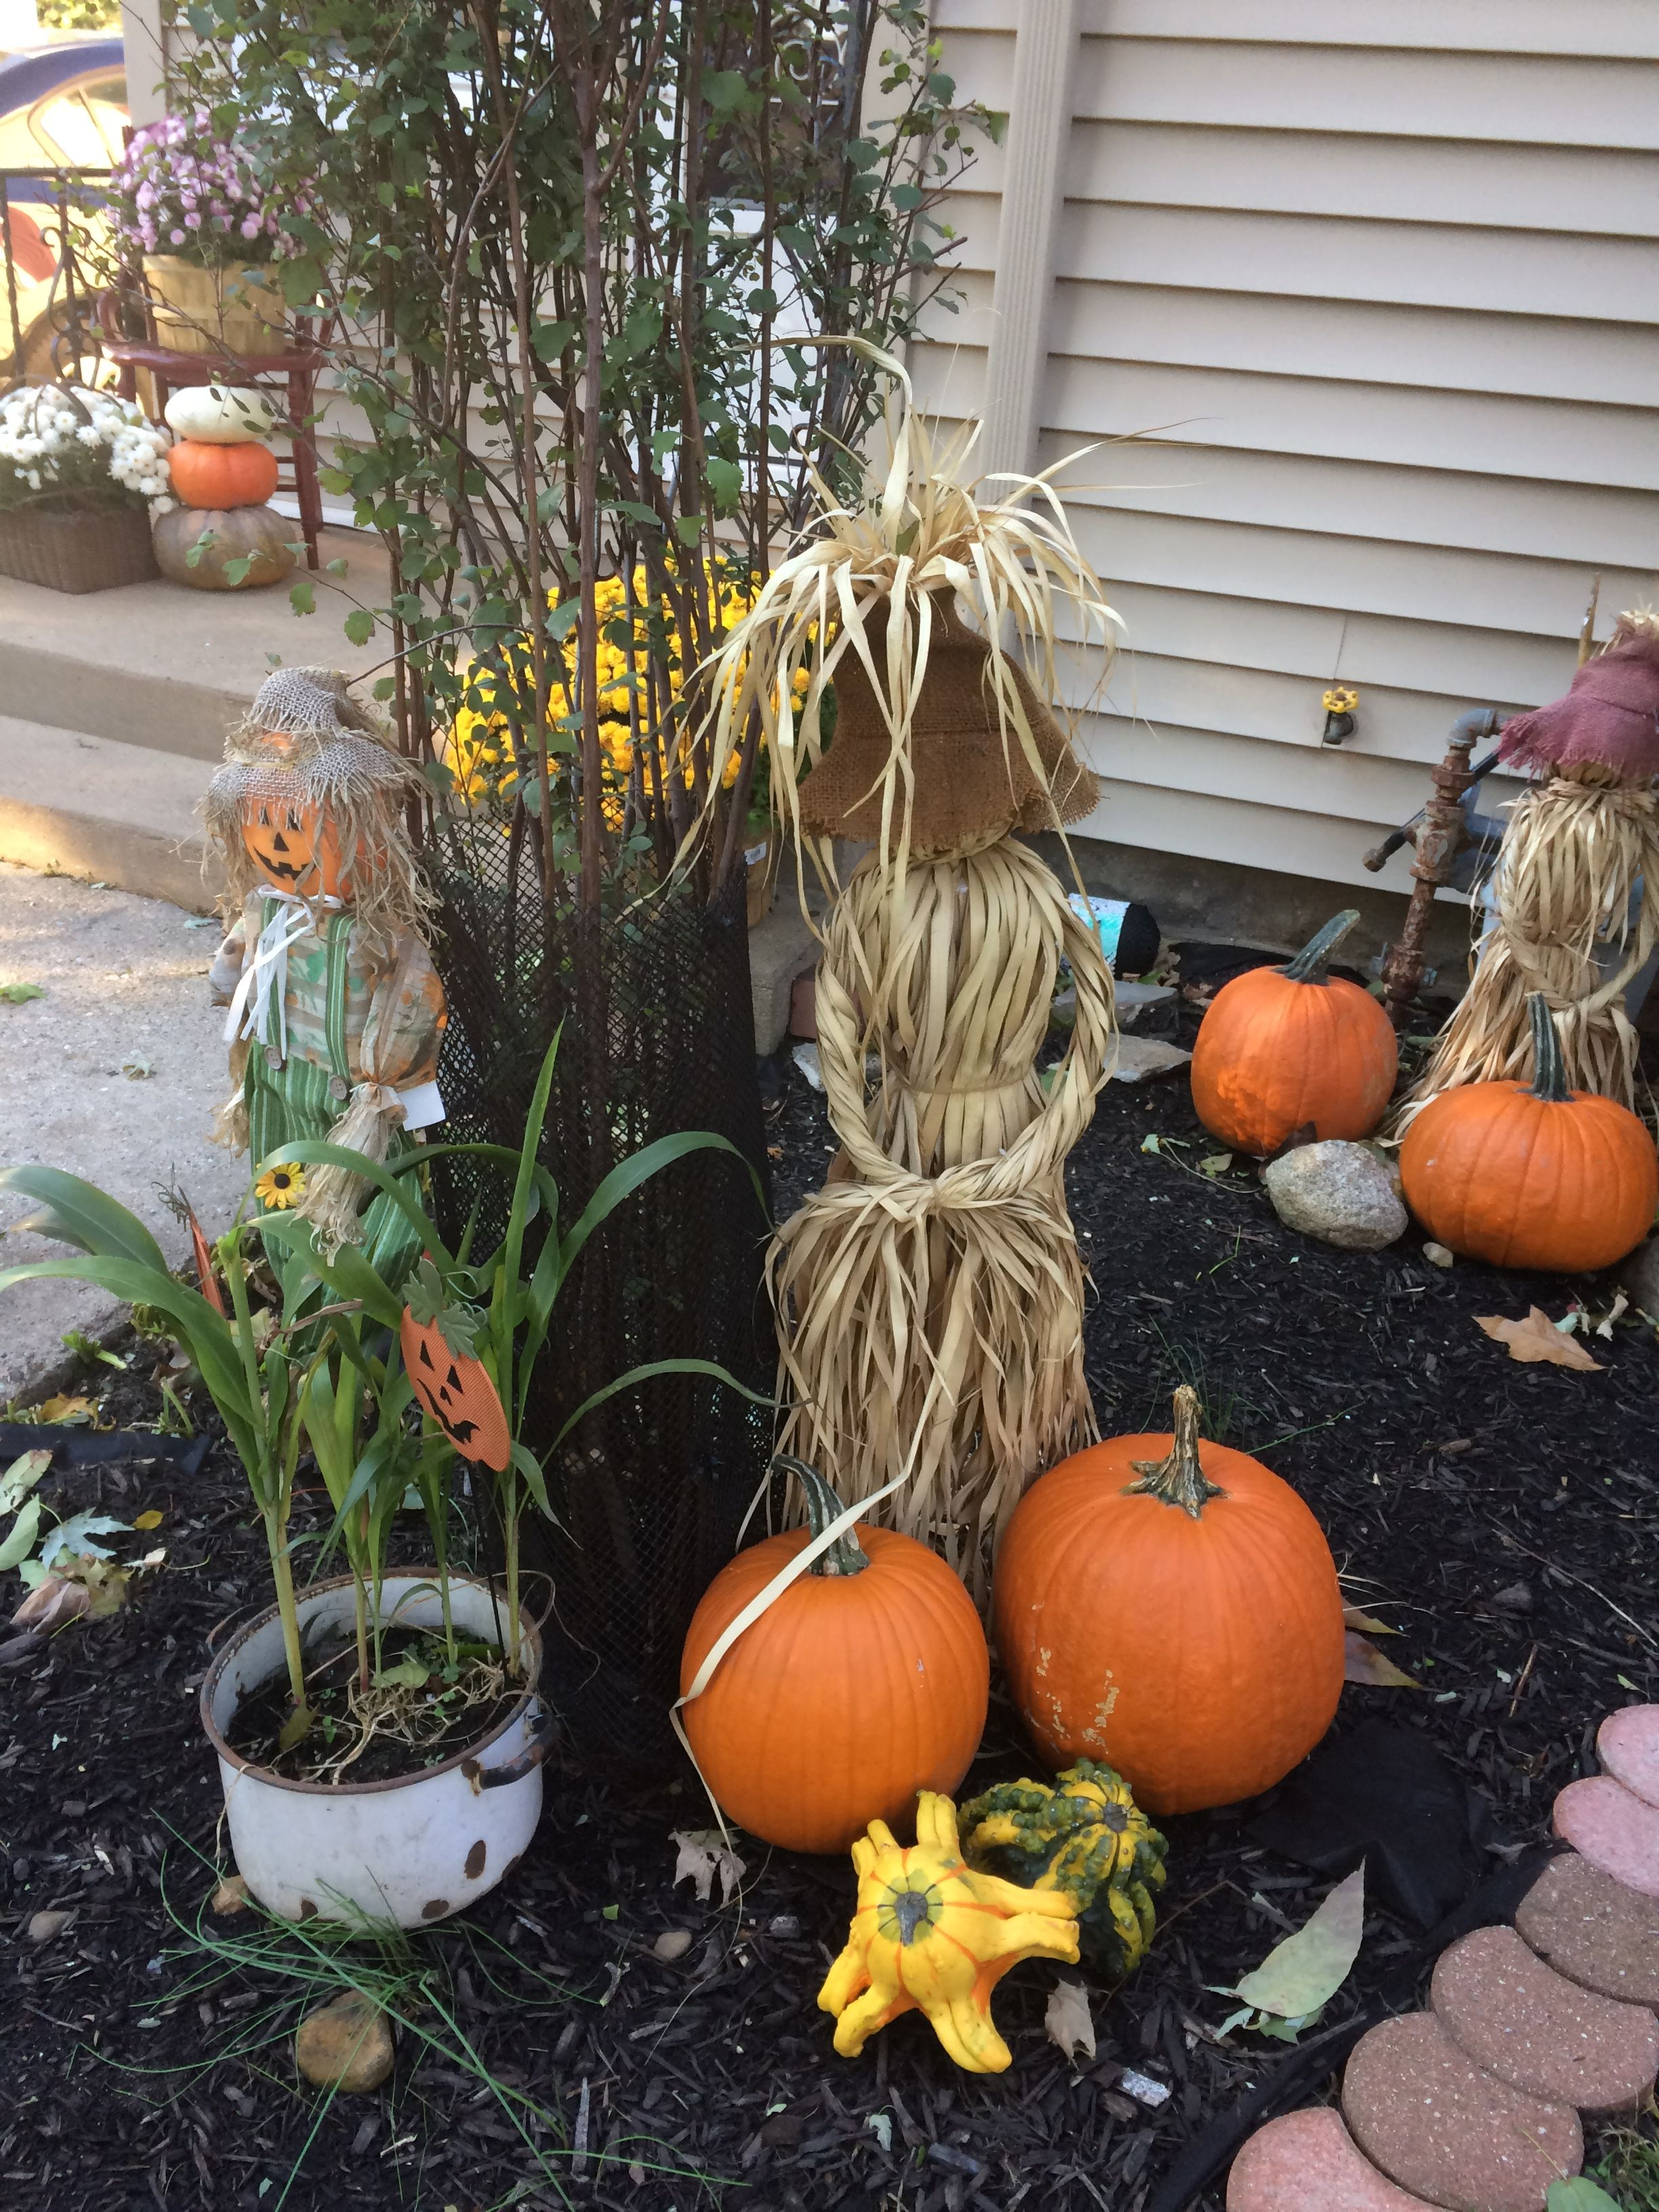 Pin by Deborah Taylor on Fall Pumpkin, Vegetables, Food